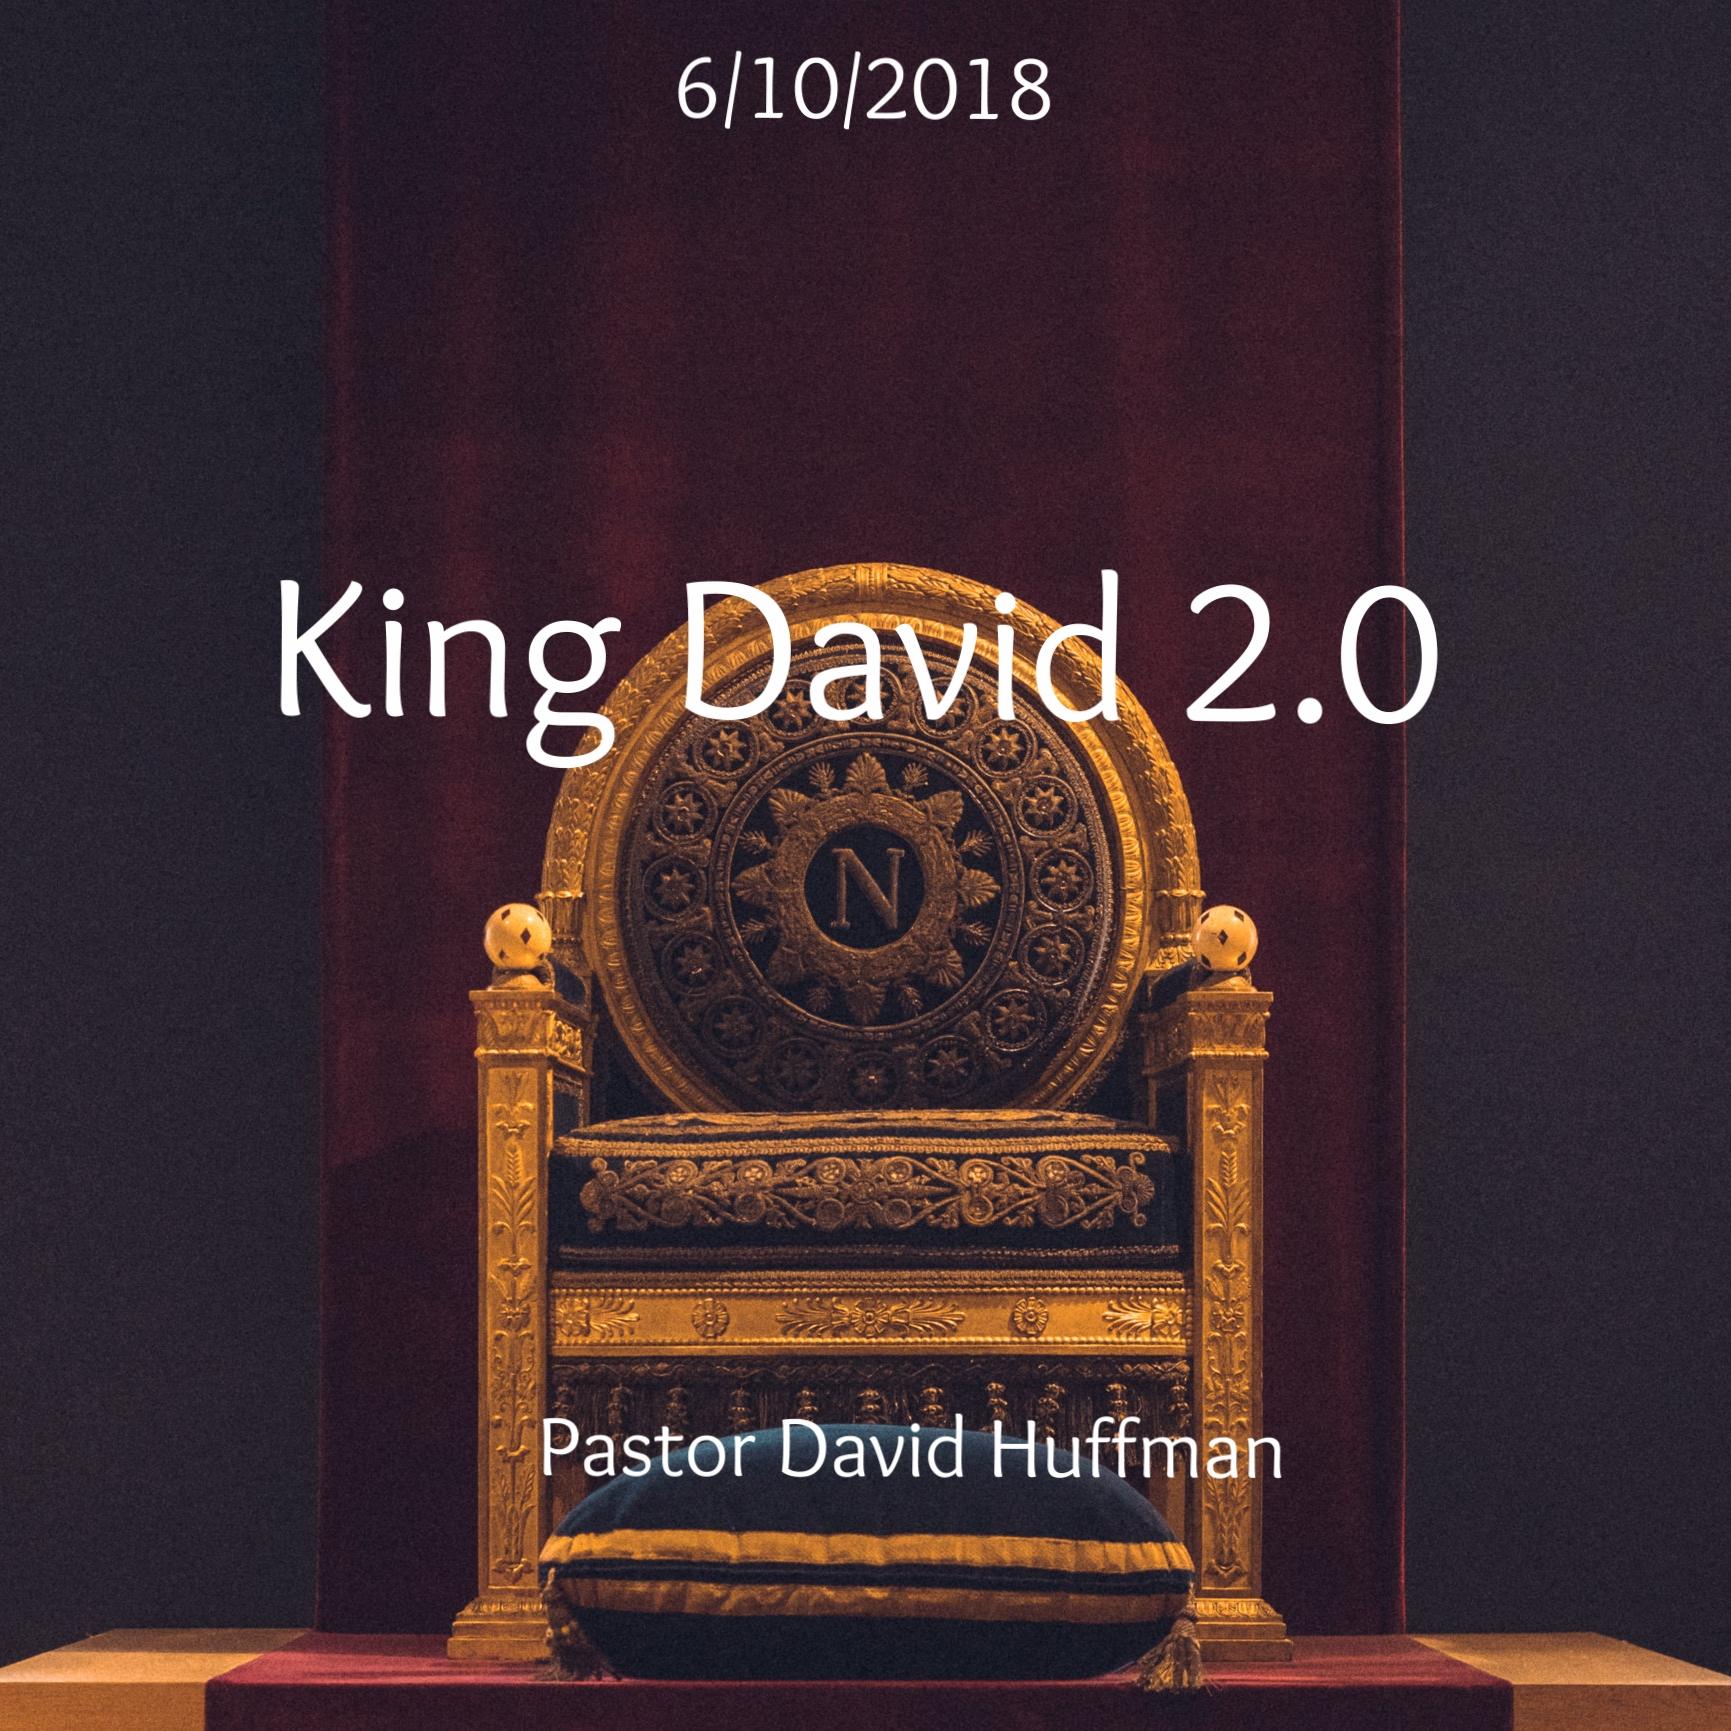 King David 2.0